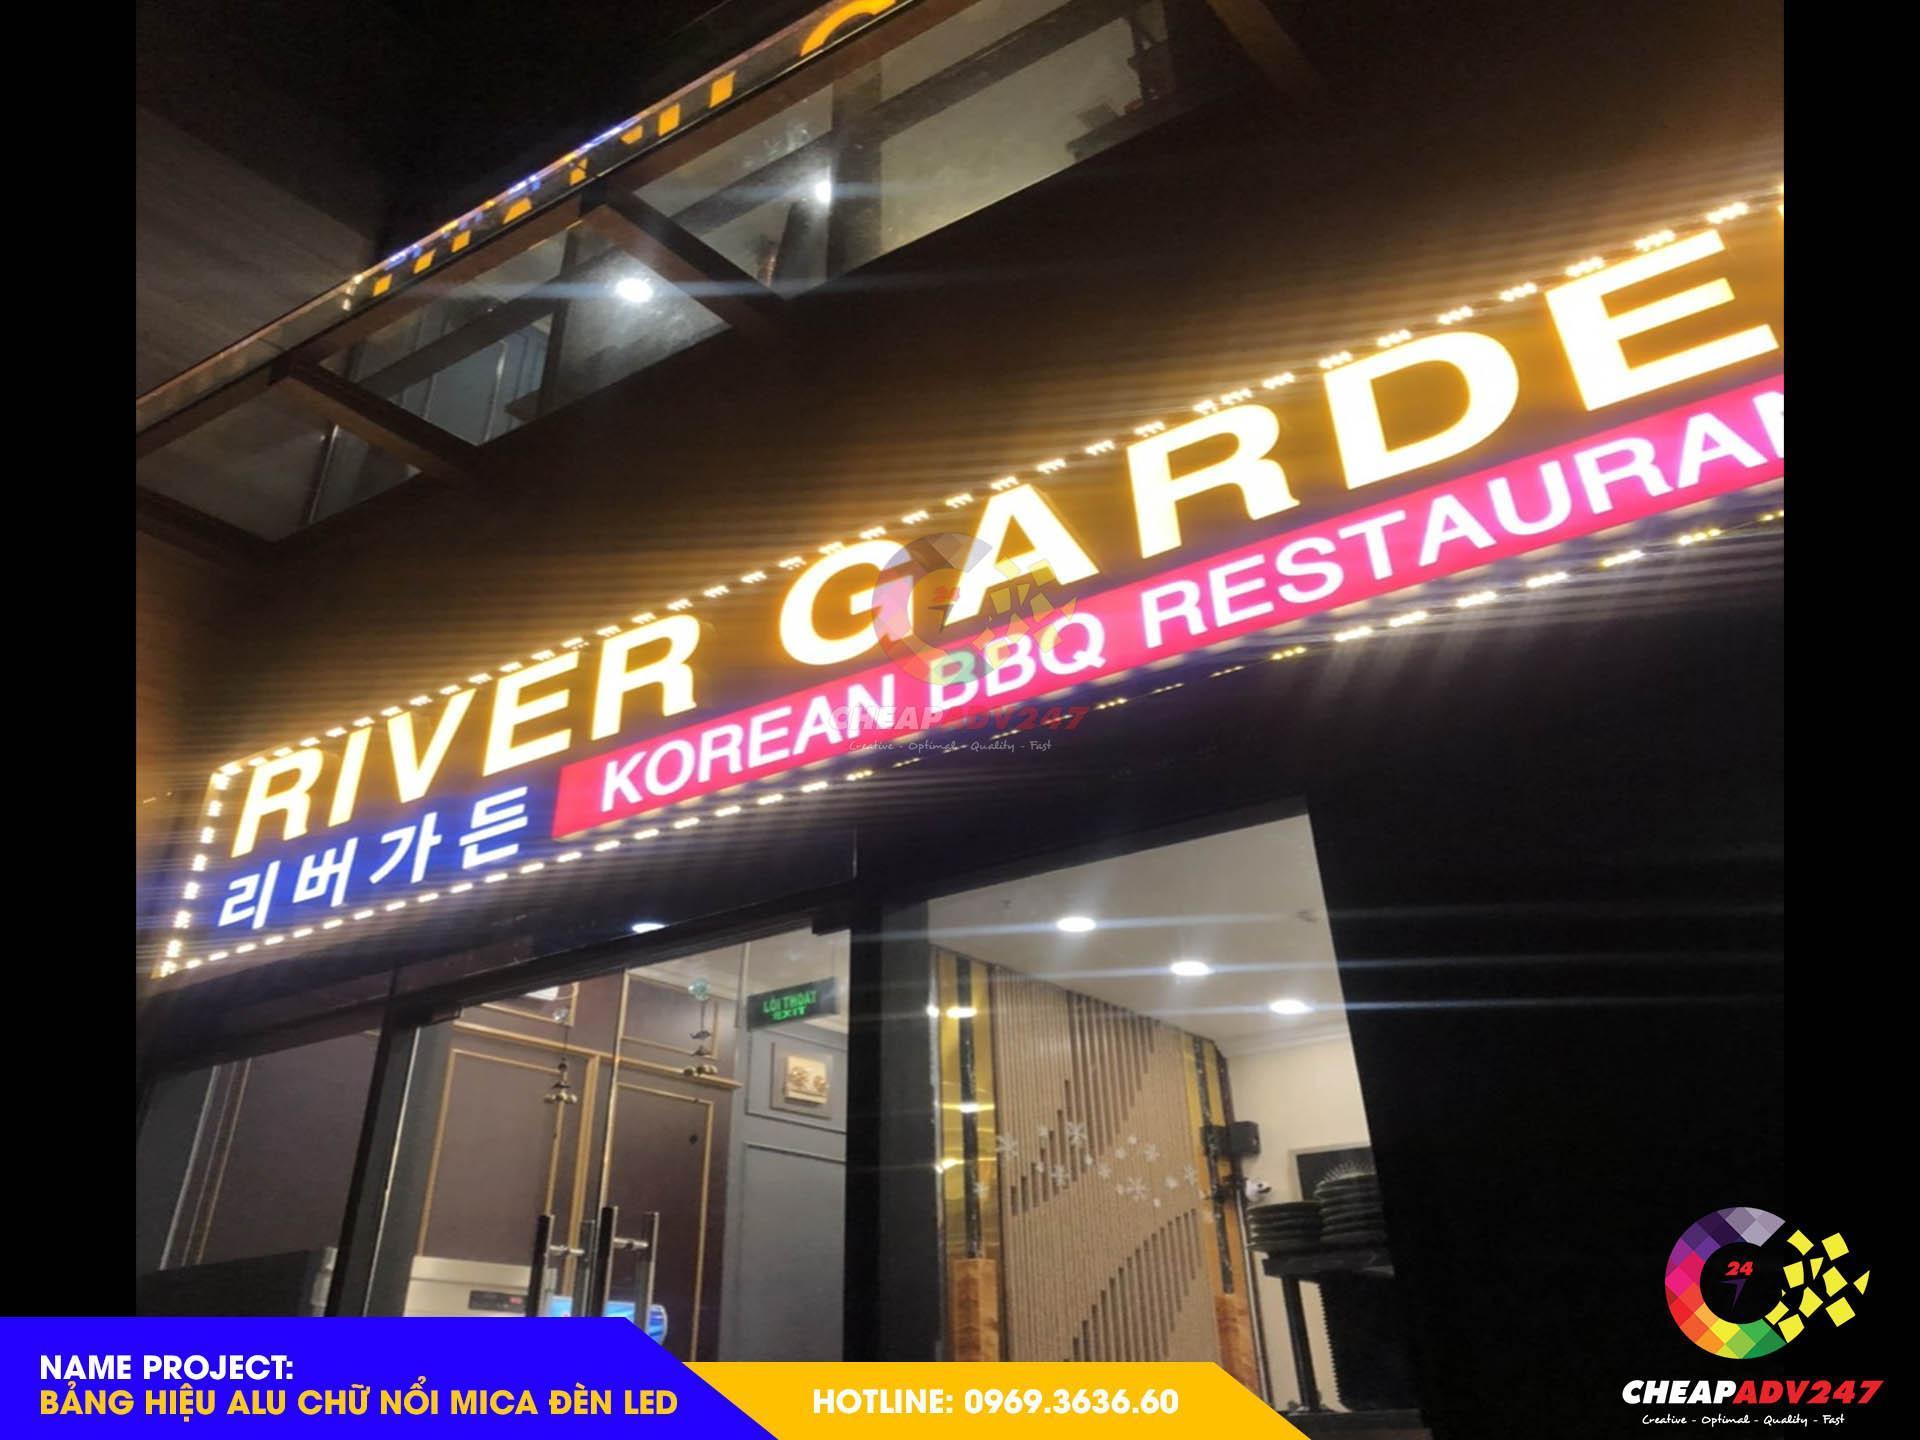 ảnh bảng hiệu alu cổ điển nhà hàng tại Cheapadv247